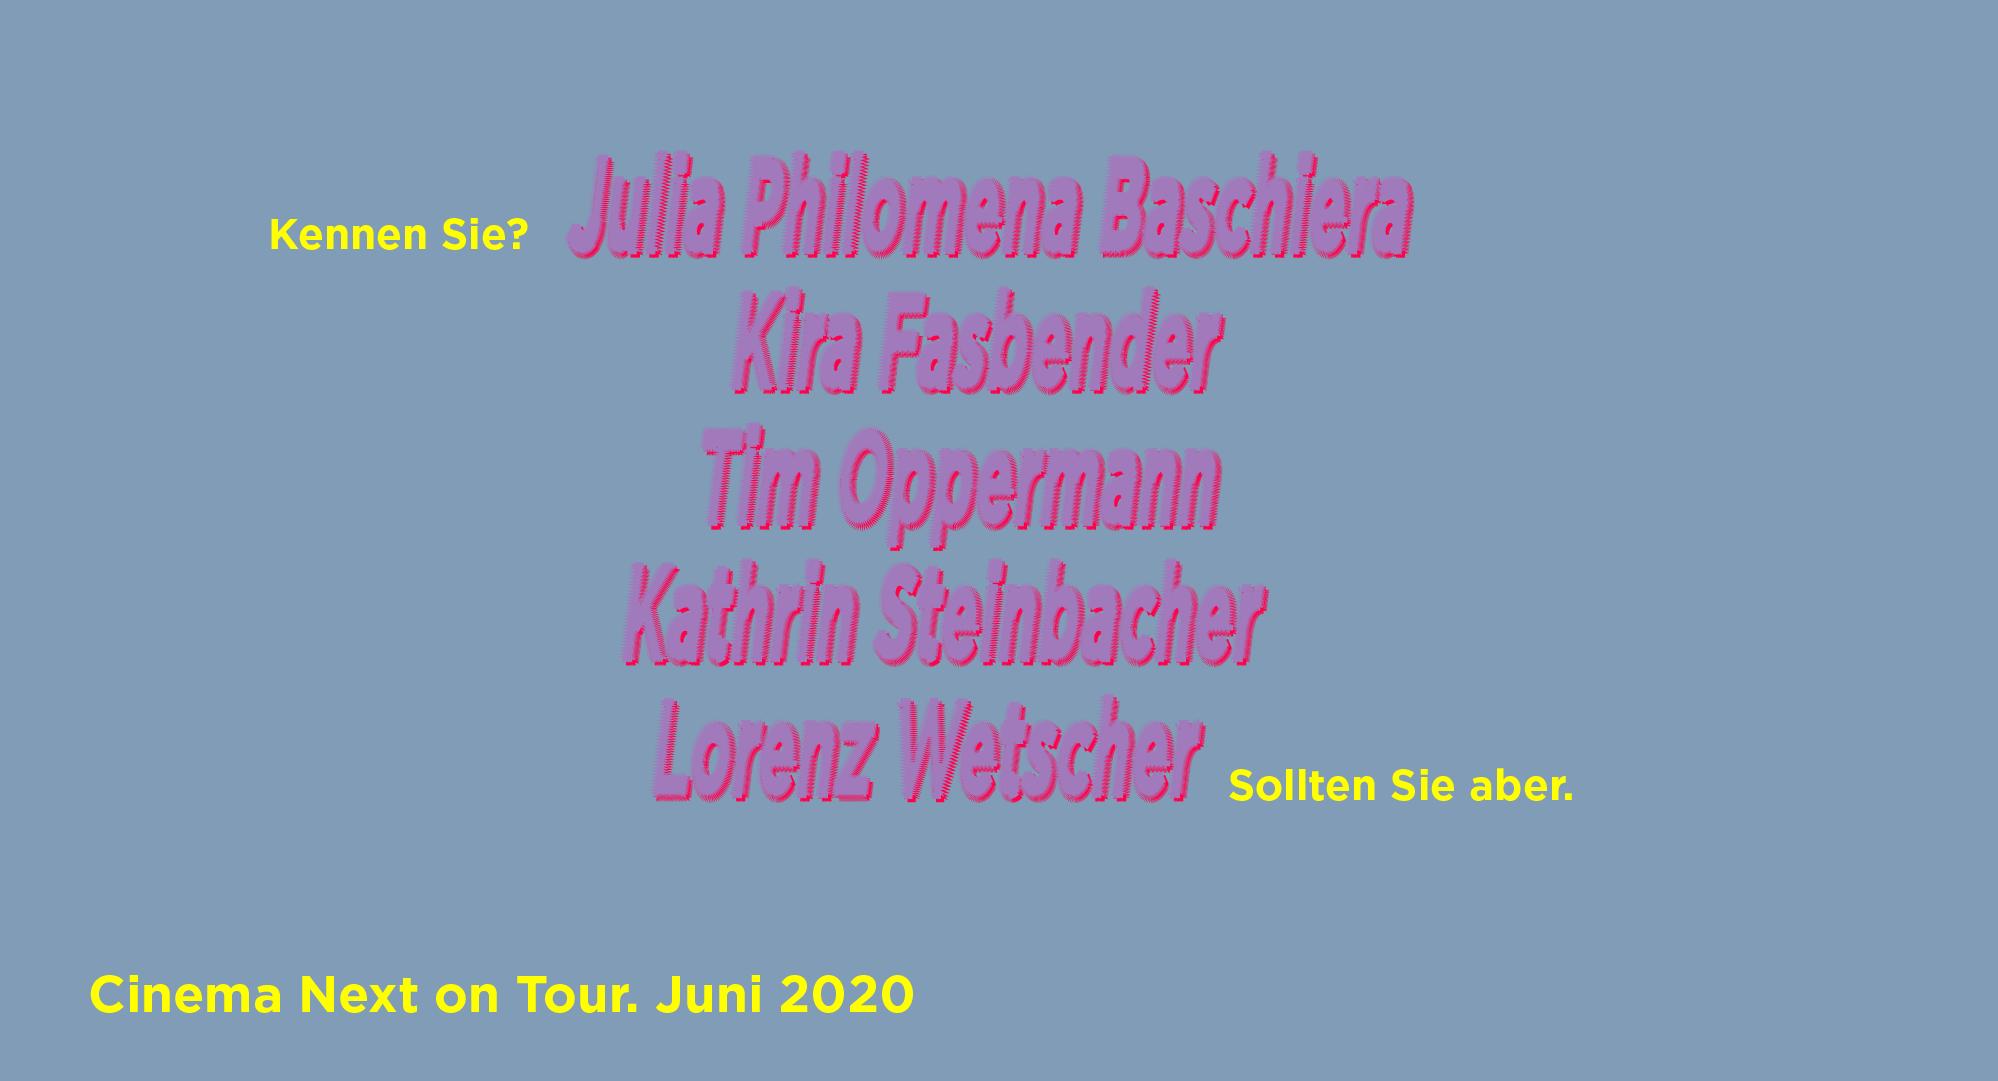 Salzburg-Programm. Host: Das Kino